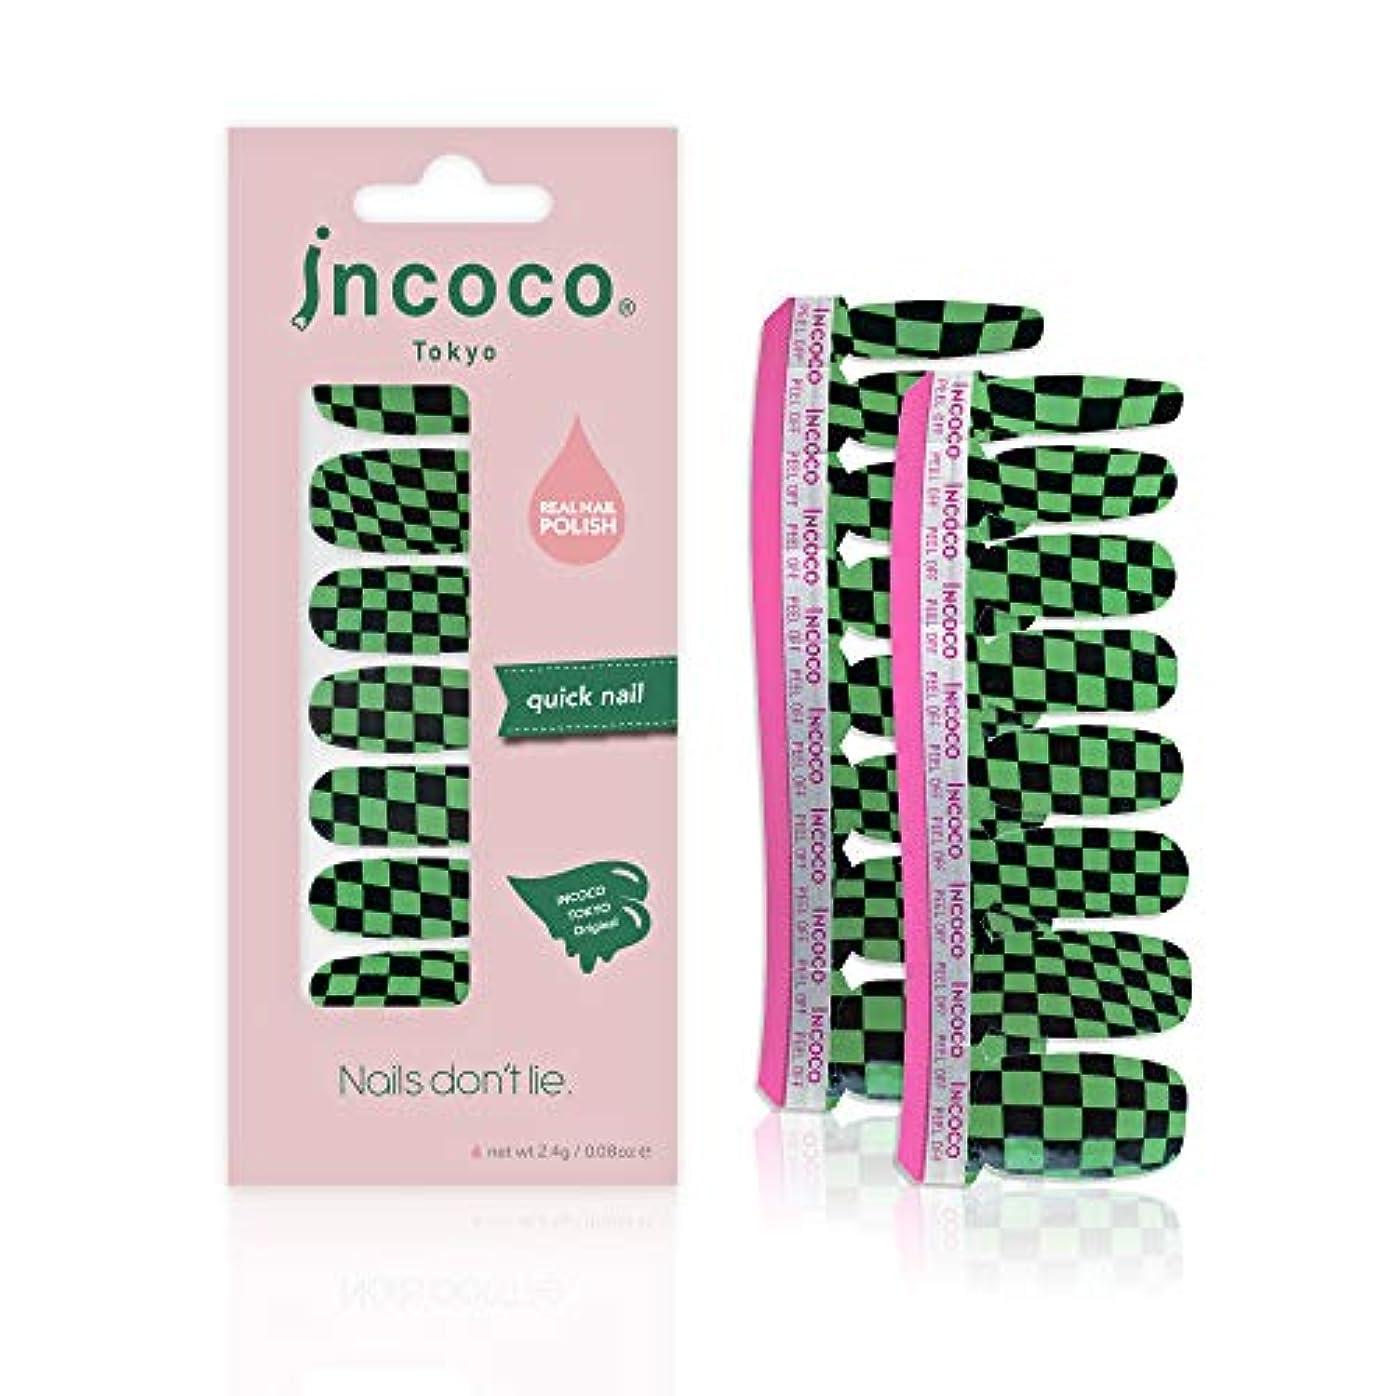 さらに広告する近くインココ トーキョー 「グリーン チェッカー」 (Green Checker)